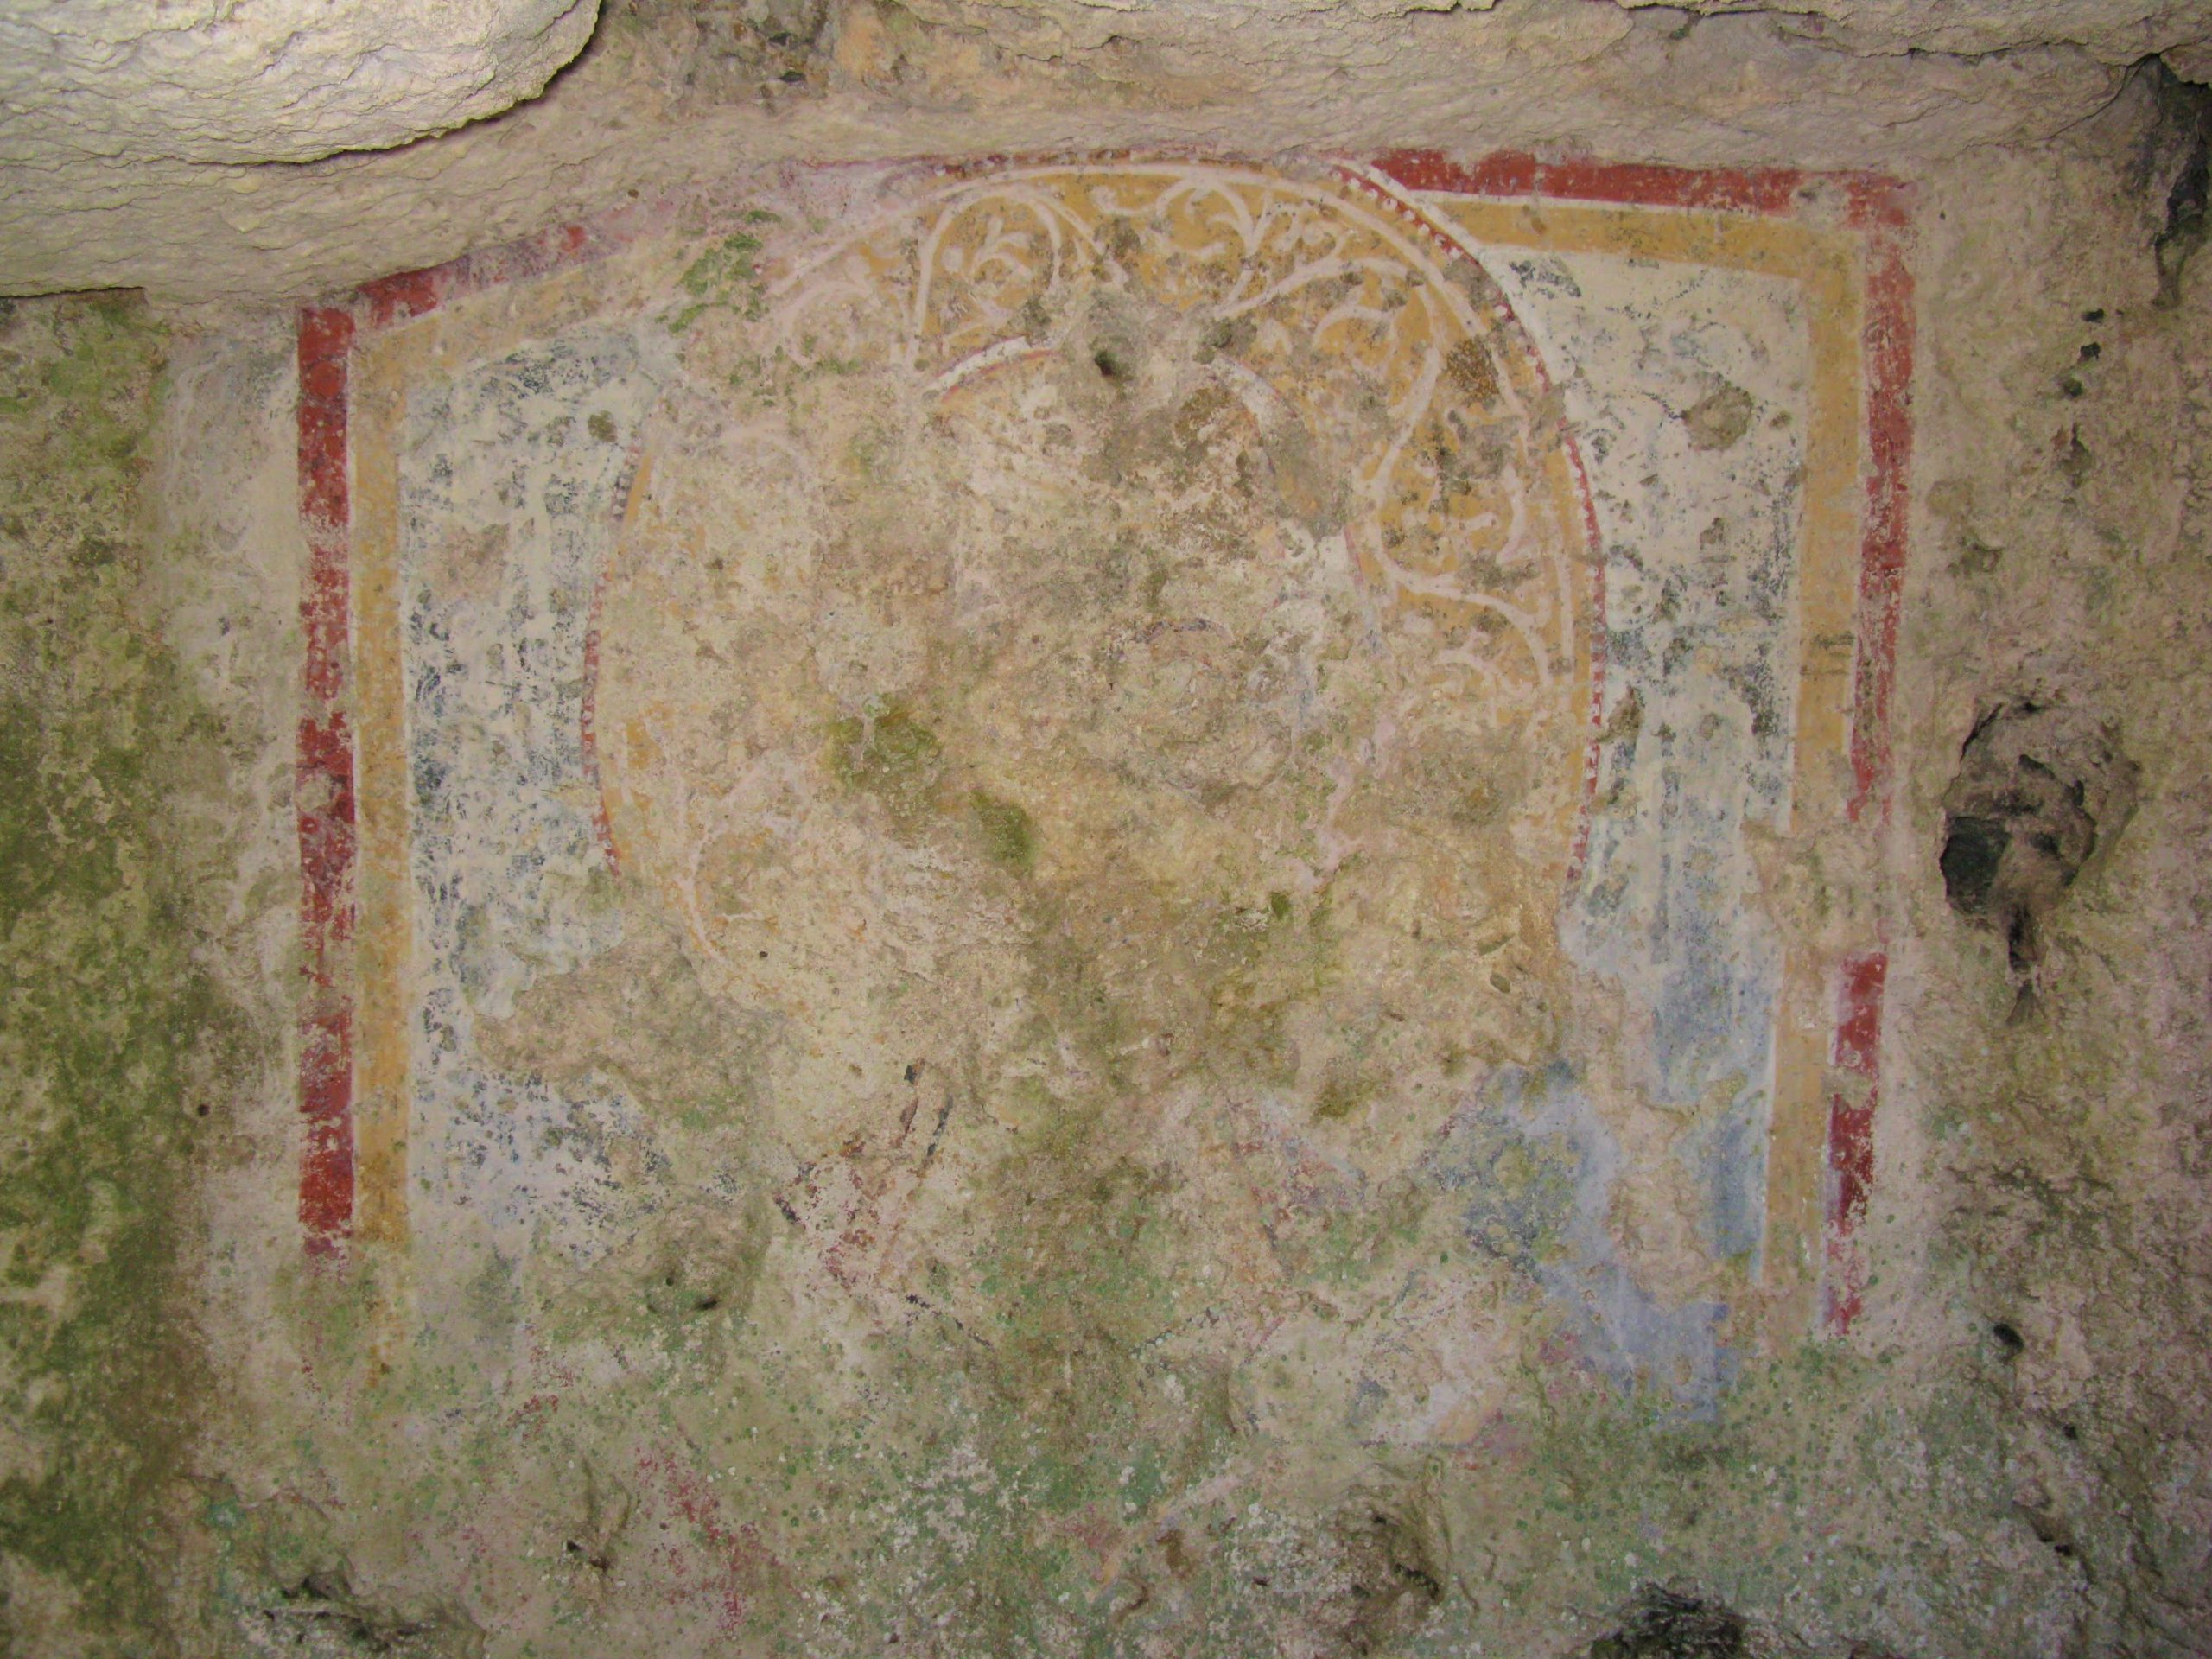 dipinto di un santo su una parete di roccia in una chiesa rupestre a pantalica